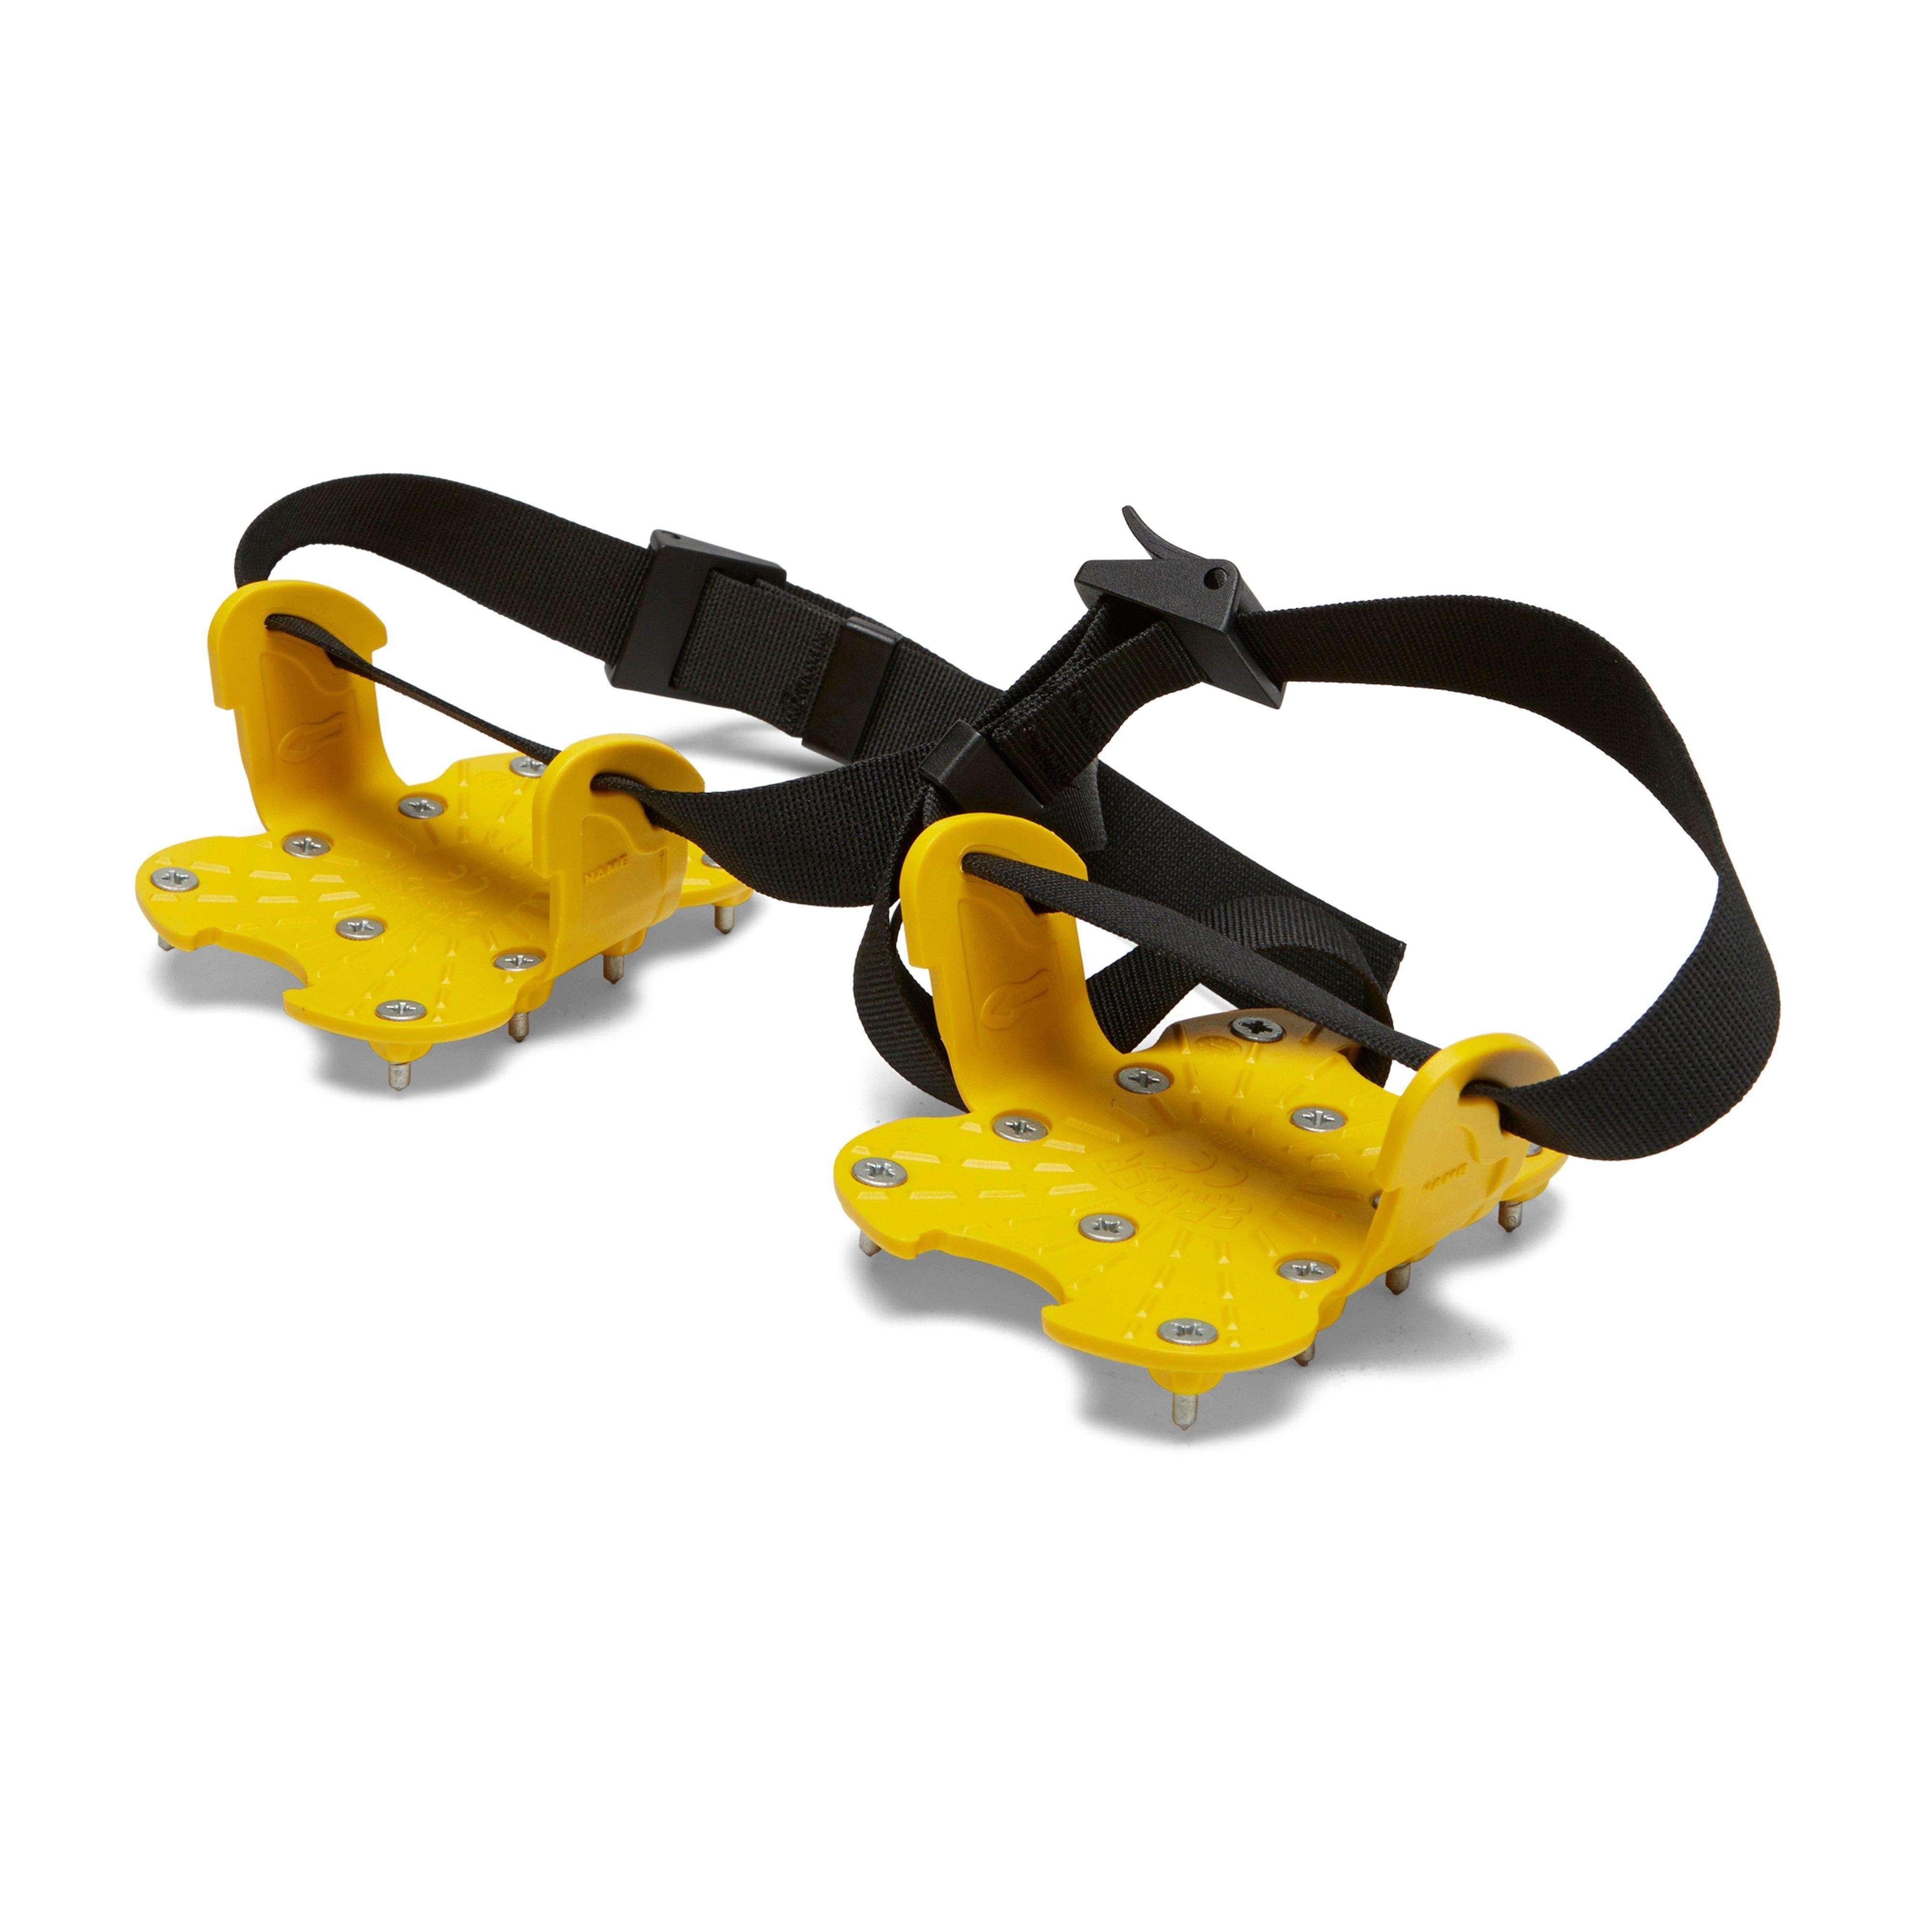 GRIVEL Spider Crampons - Nylon Straps